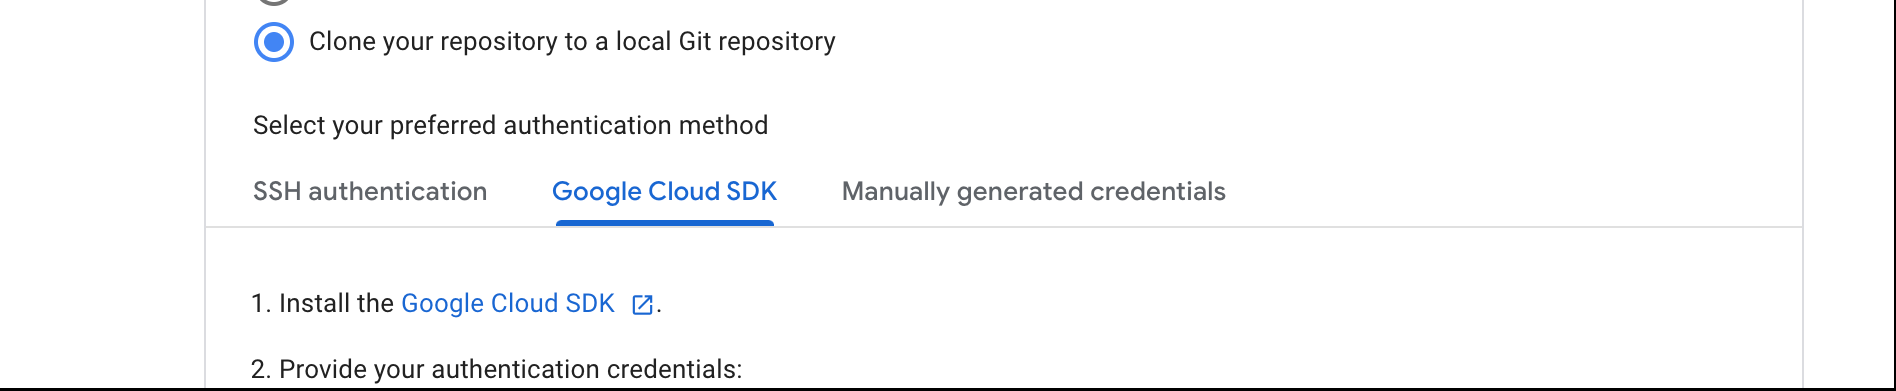 指示に従って、ローカル Git リポジトリにリポジトリのクローンを作成します